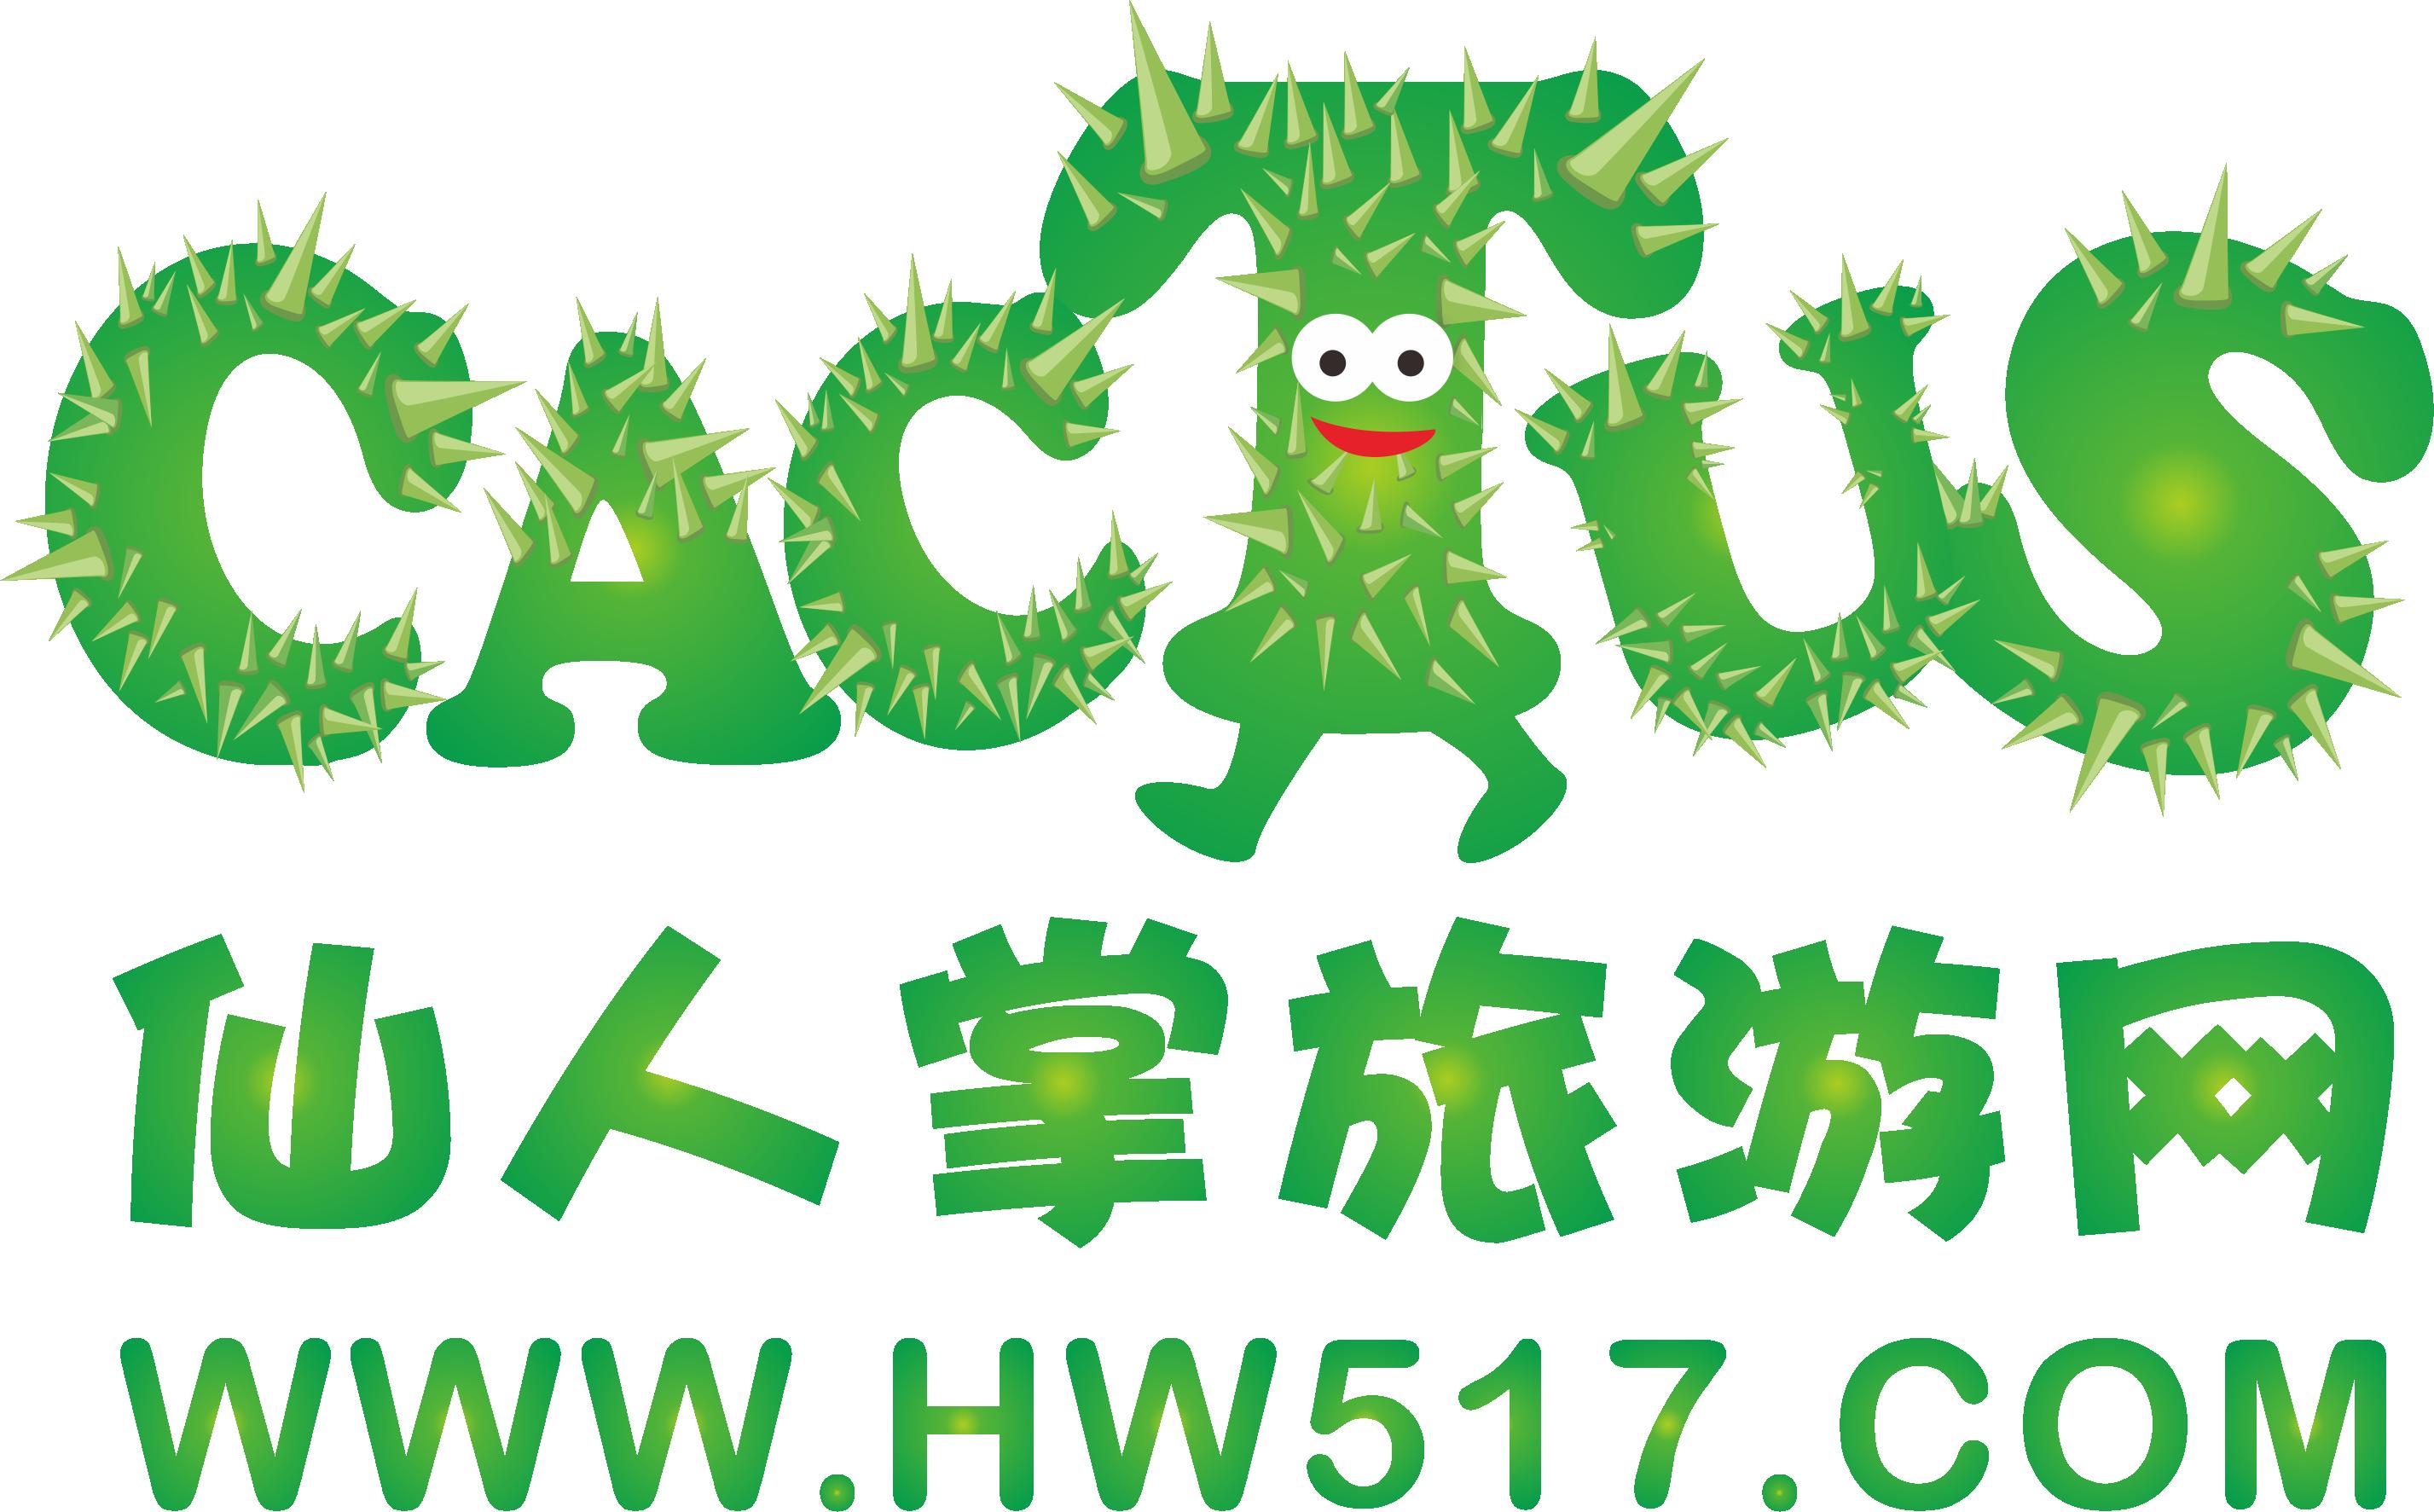 长江三峡维多利亚涉外五星游轮、恩施大峡谷、土司城双动五日游